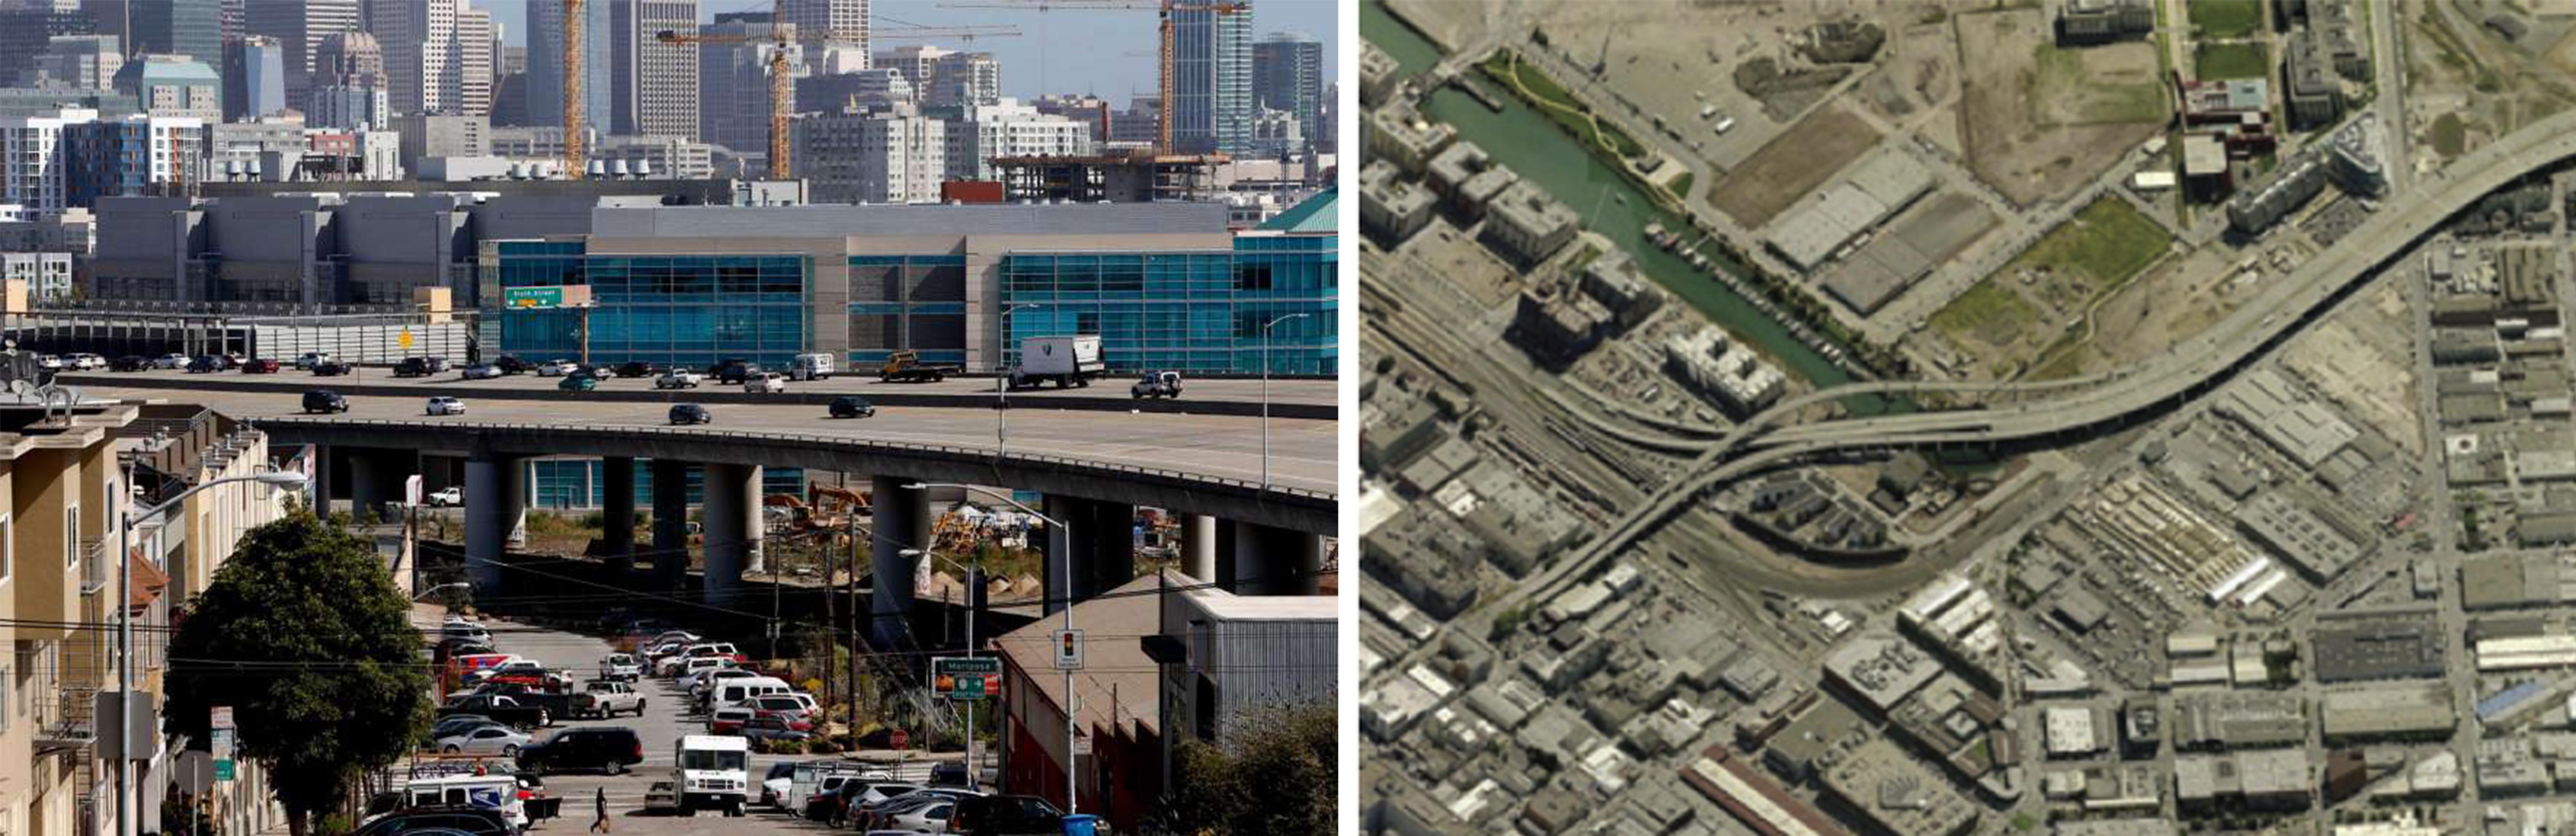 Trams pendents de la Interestatal I-280 prop del barri Mission Bay i el carrer 16 a San Francisco. Font: SfGate i CNU.org